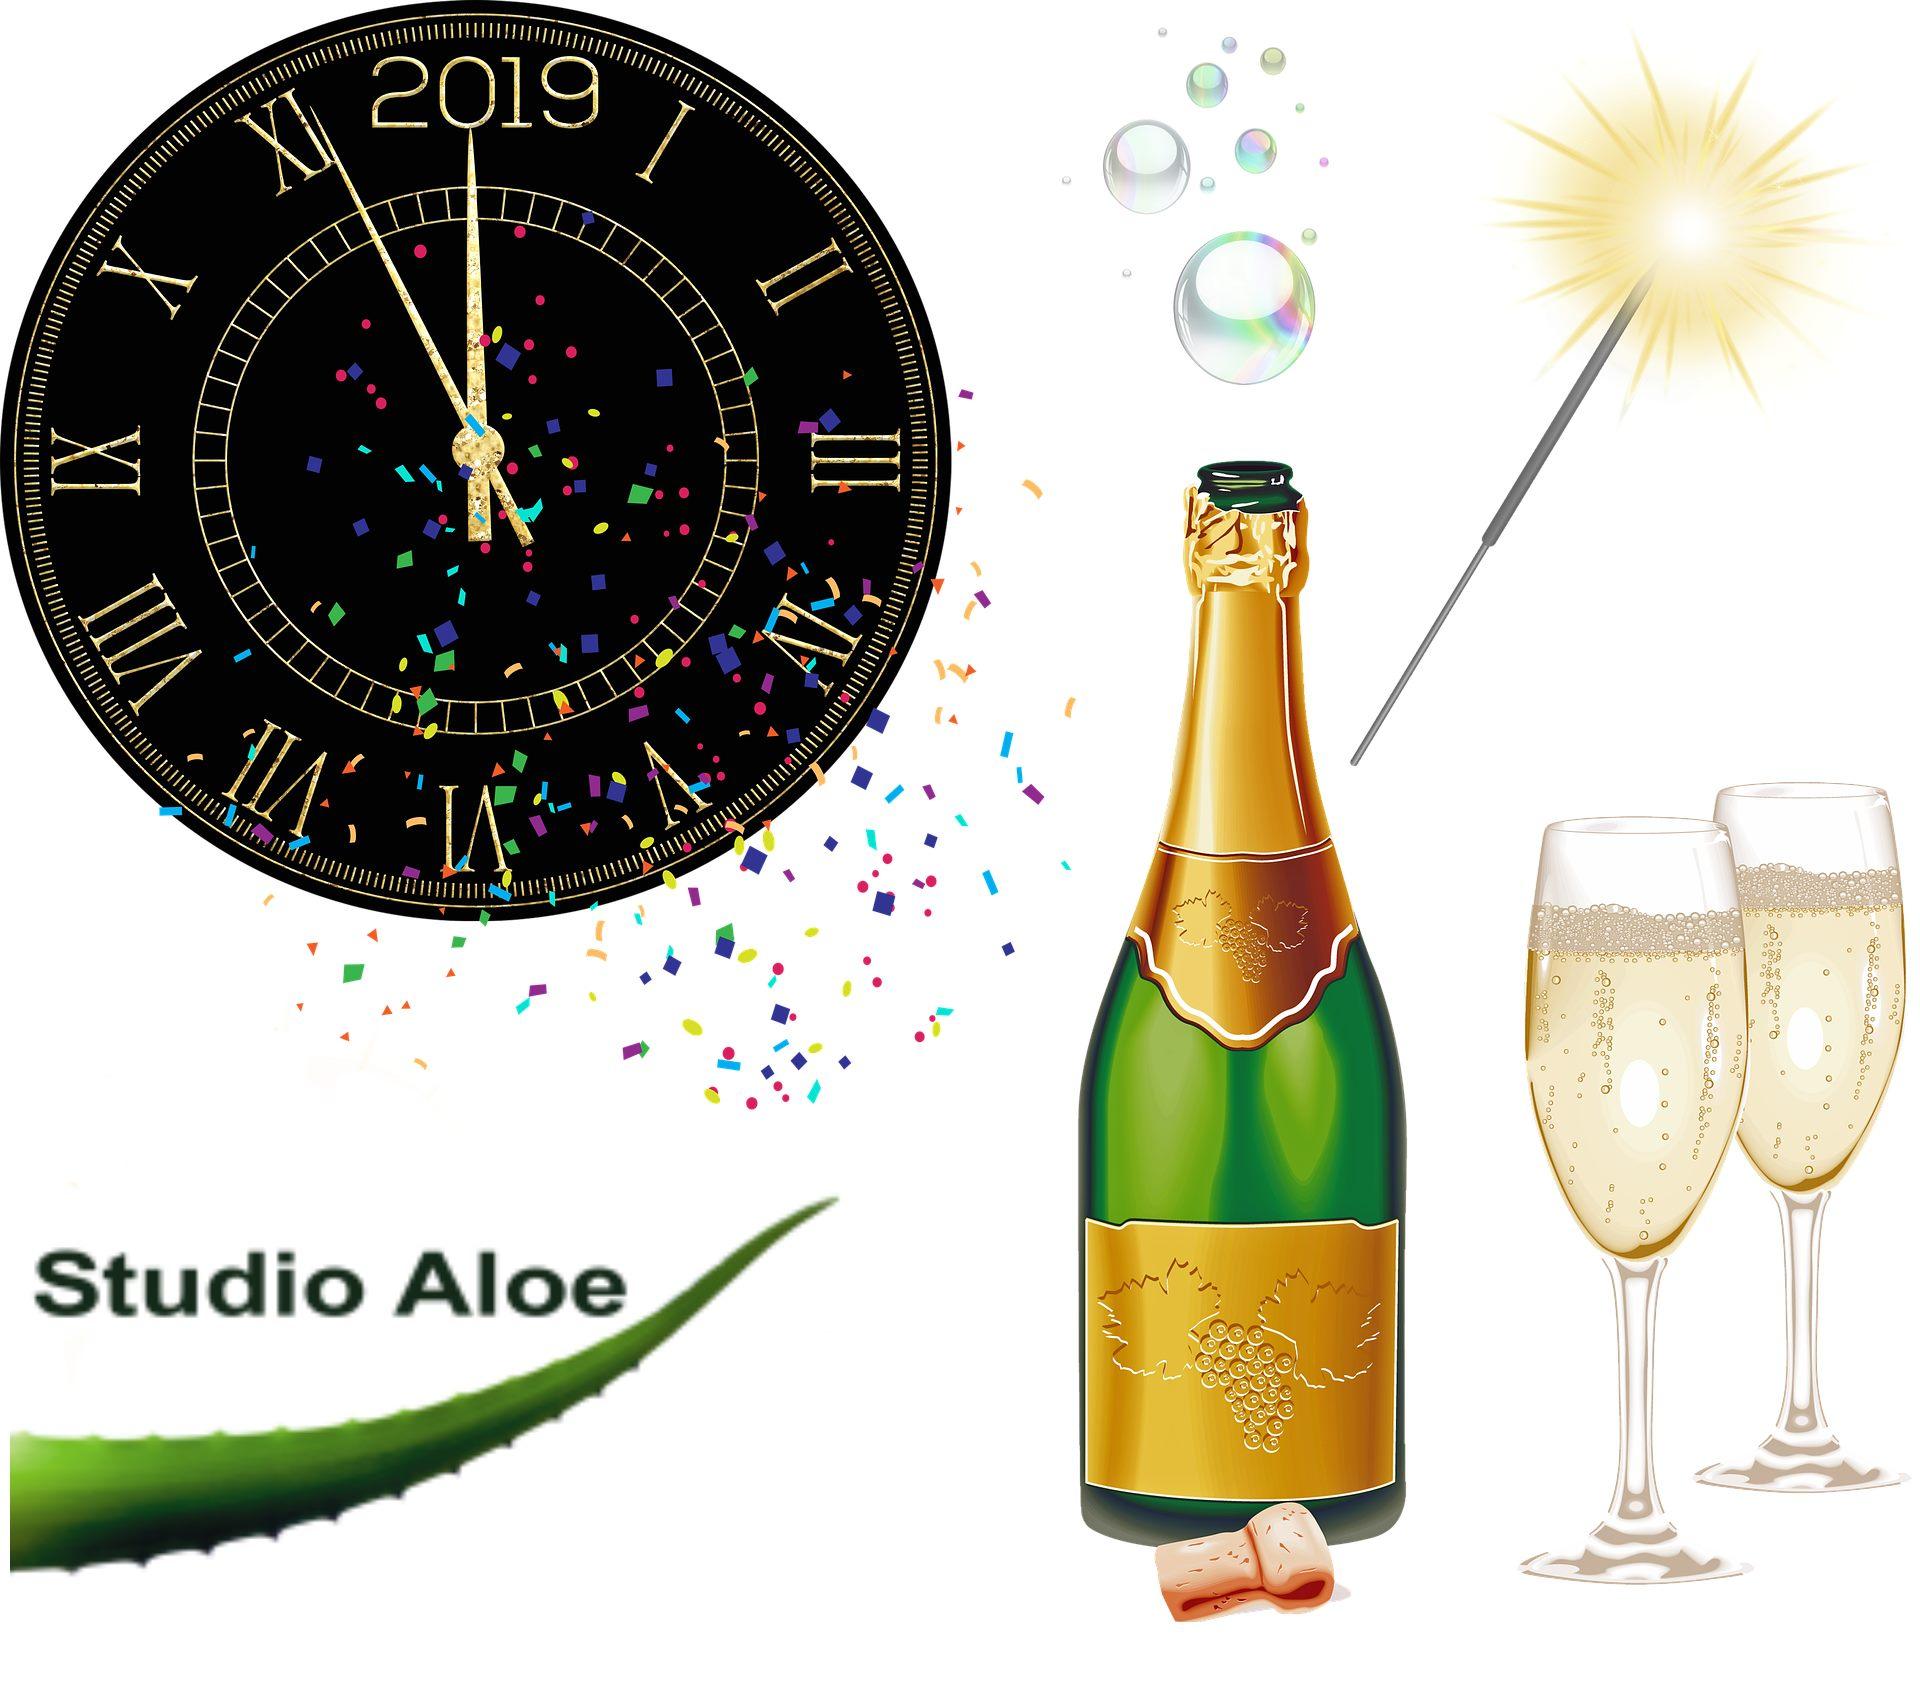 Godt Nytår fra studioaloe